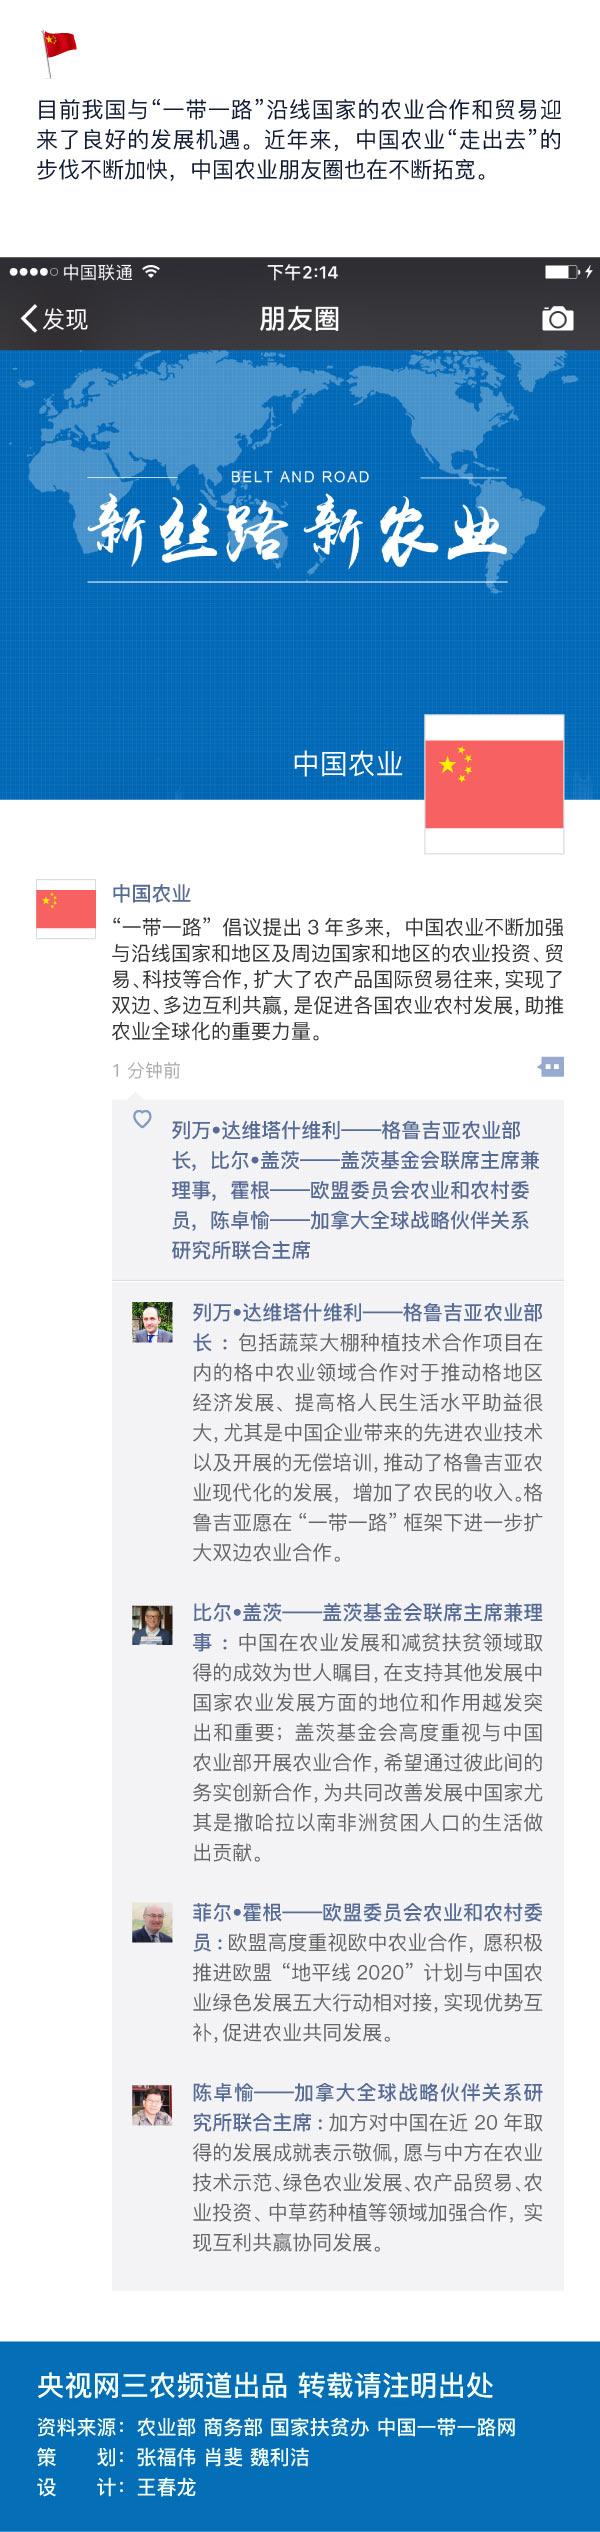 """图解:""""一带一路""""拓宽中国农业朋友圈"""